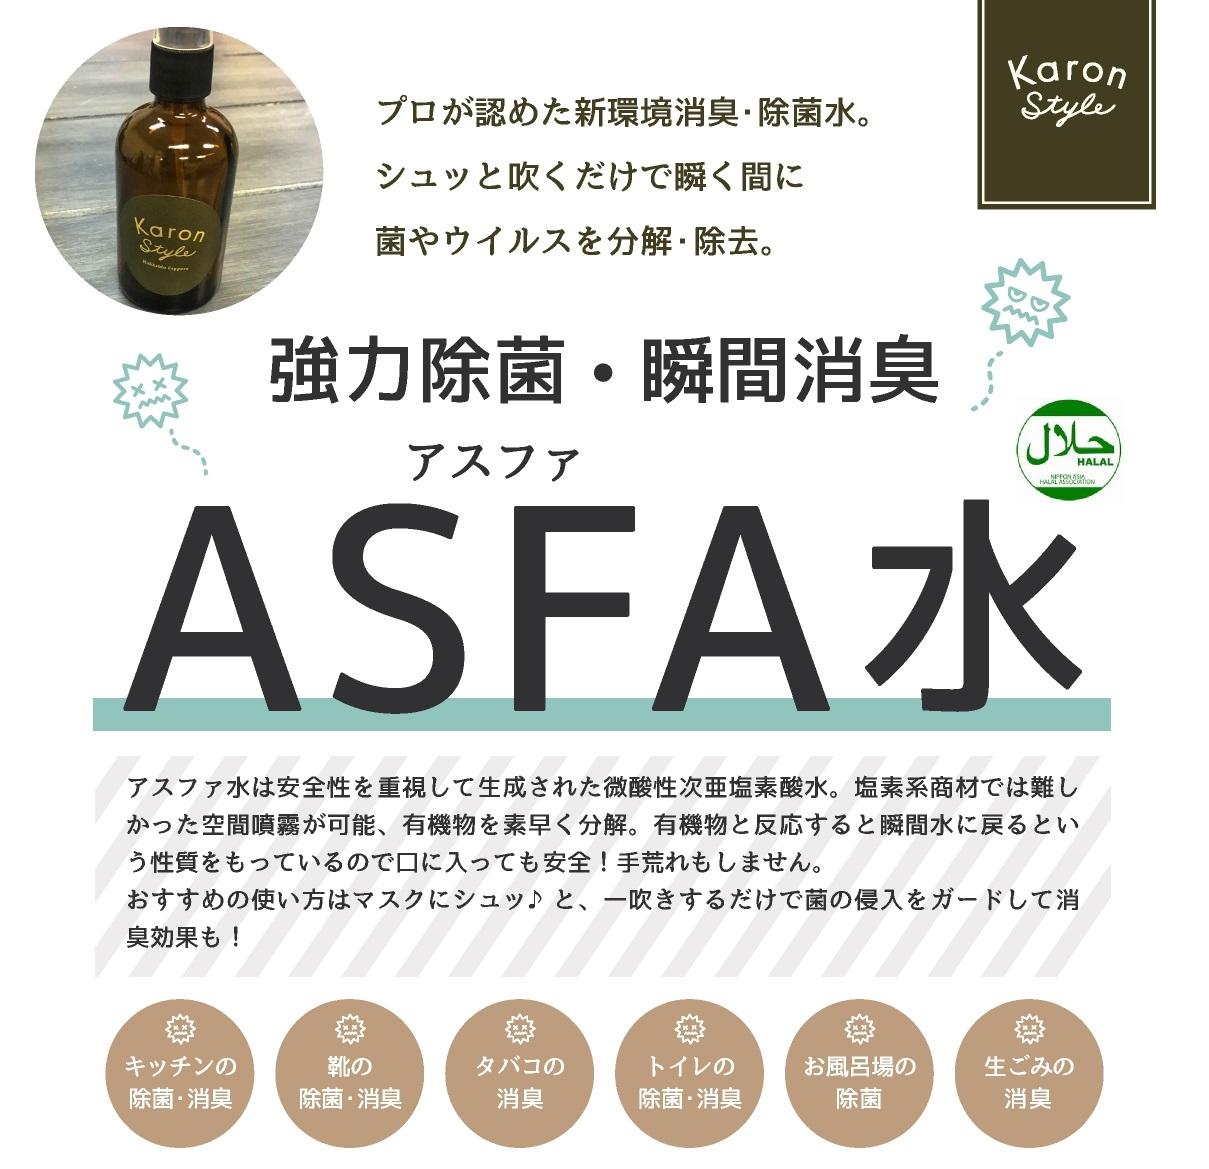 ◆送料無料◆ウイルス対策3点セット≪マスク&消臭除菌水&携帯イオンクリーナ-≫